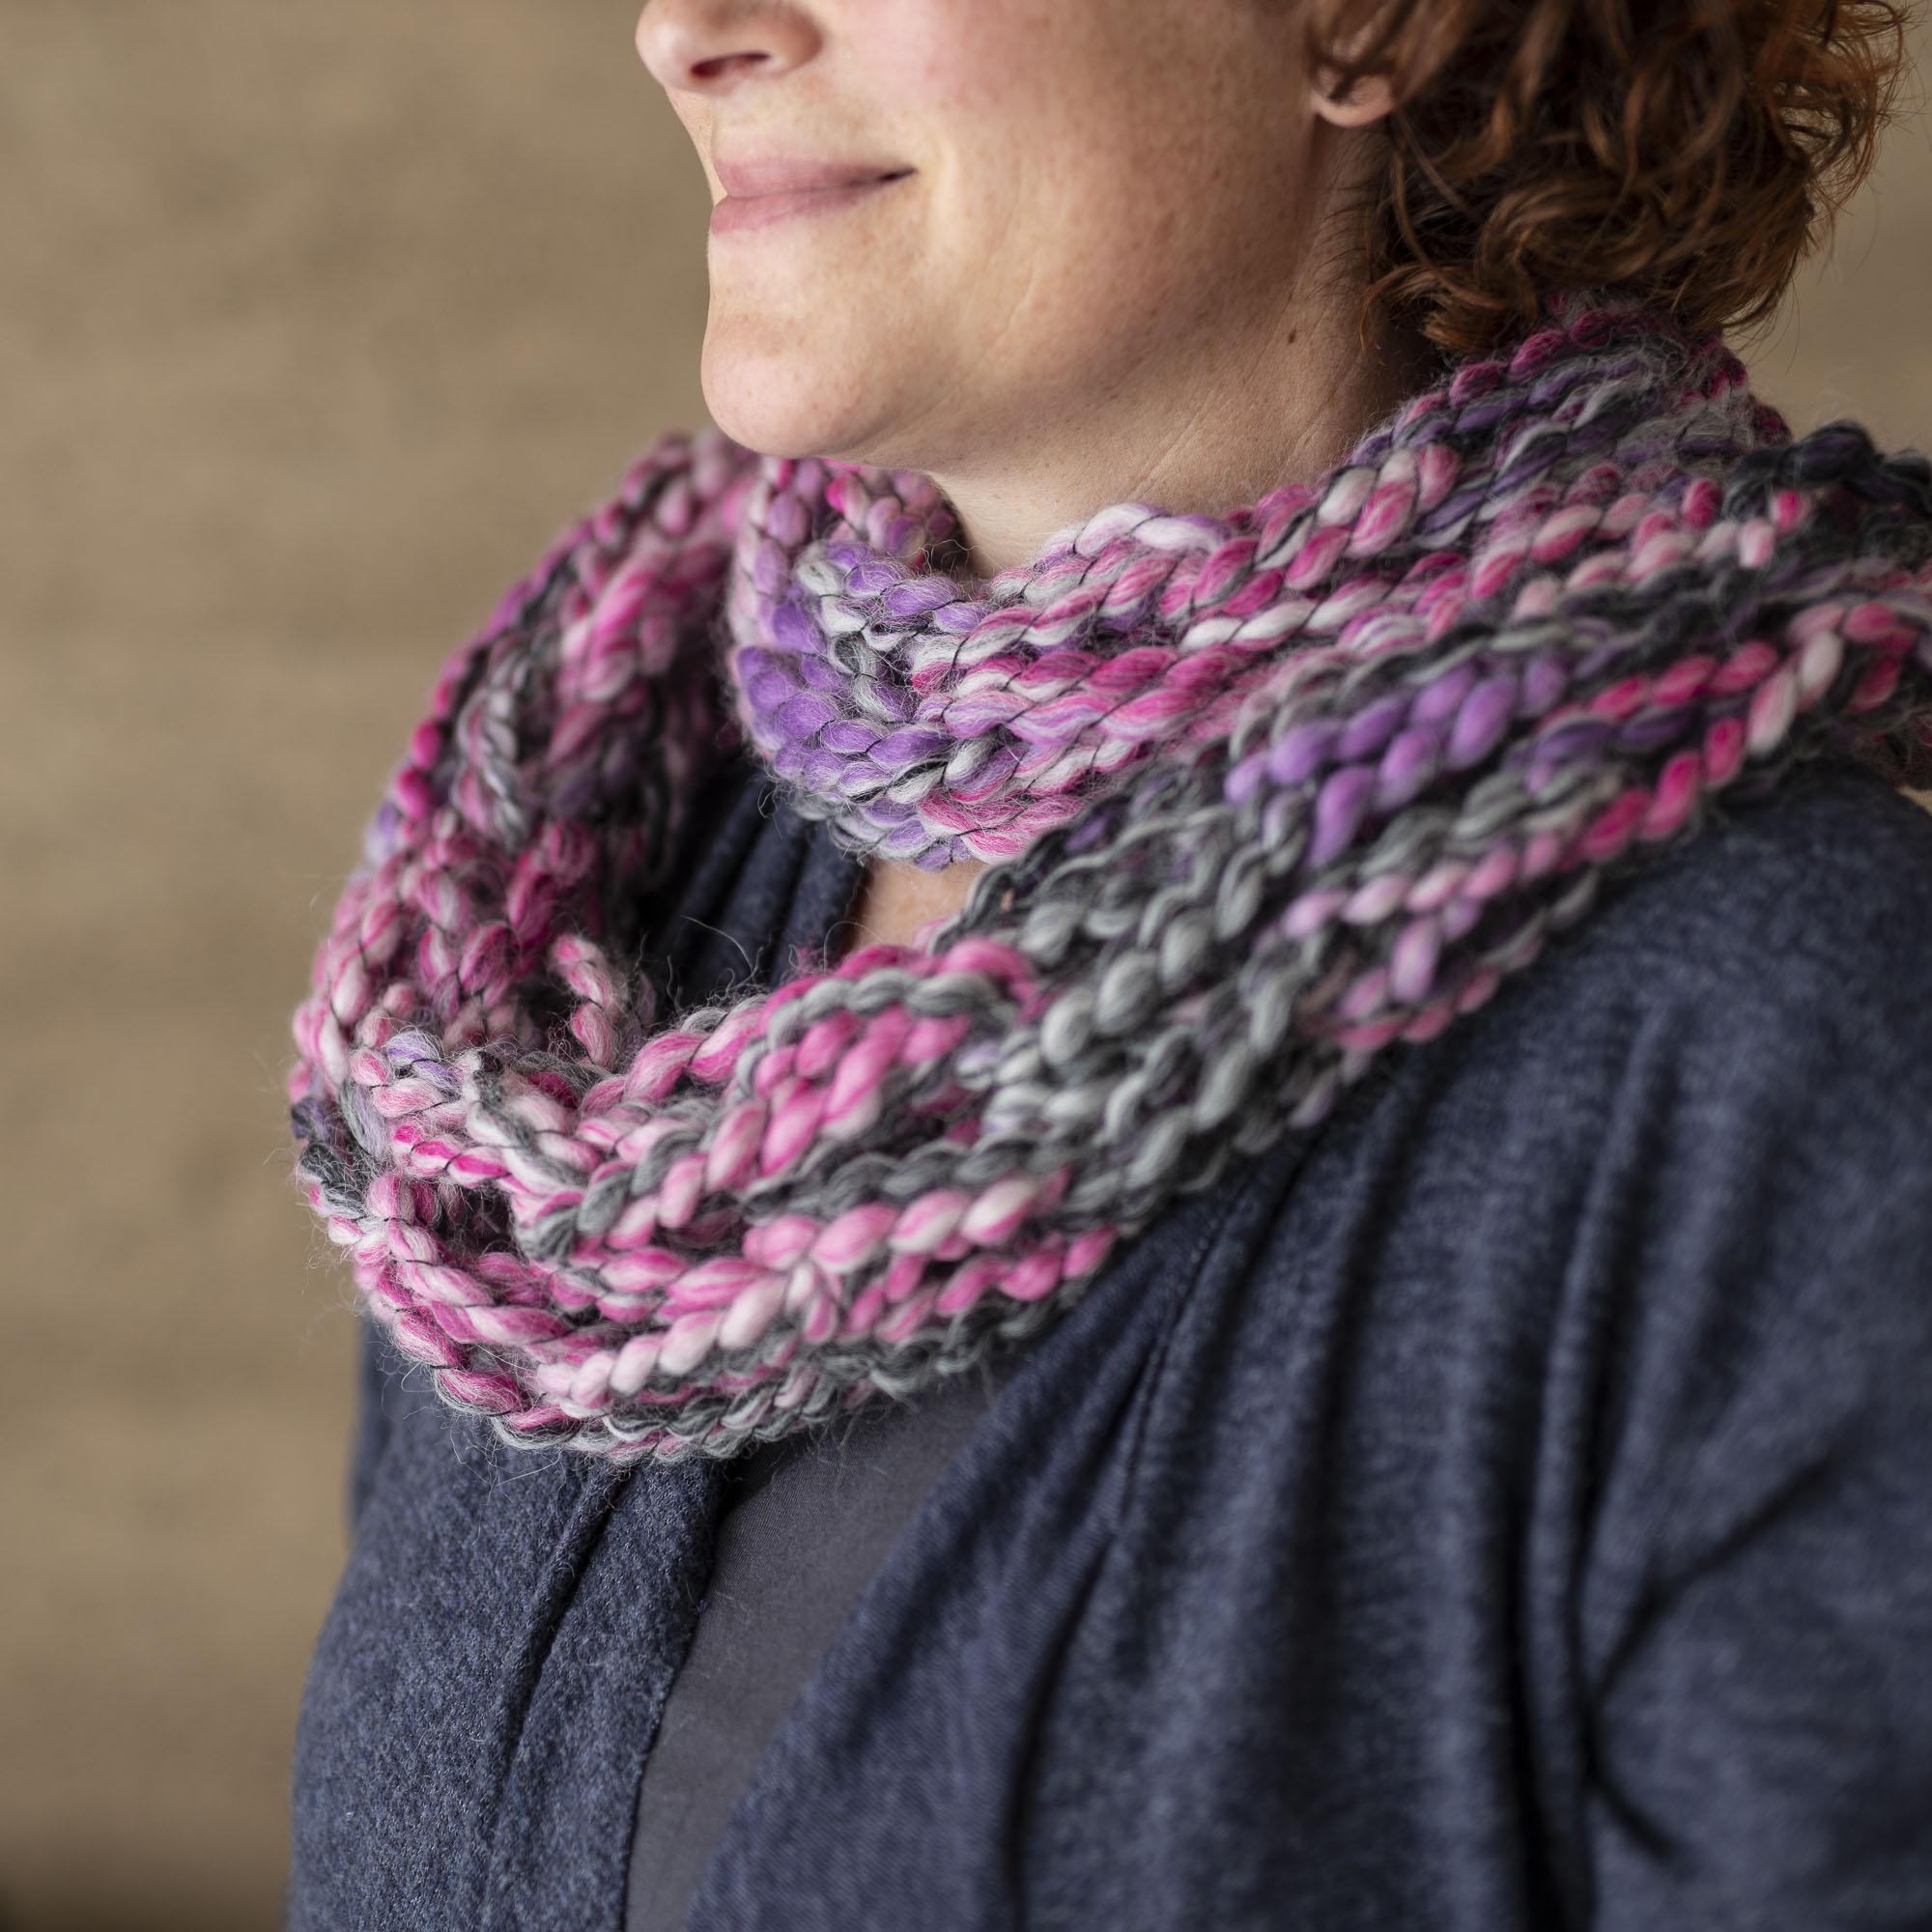 yarn-0025.jpg